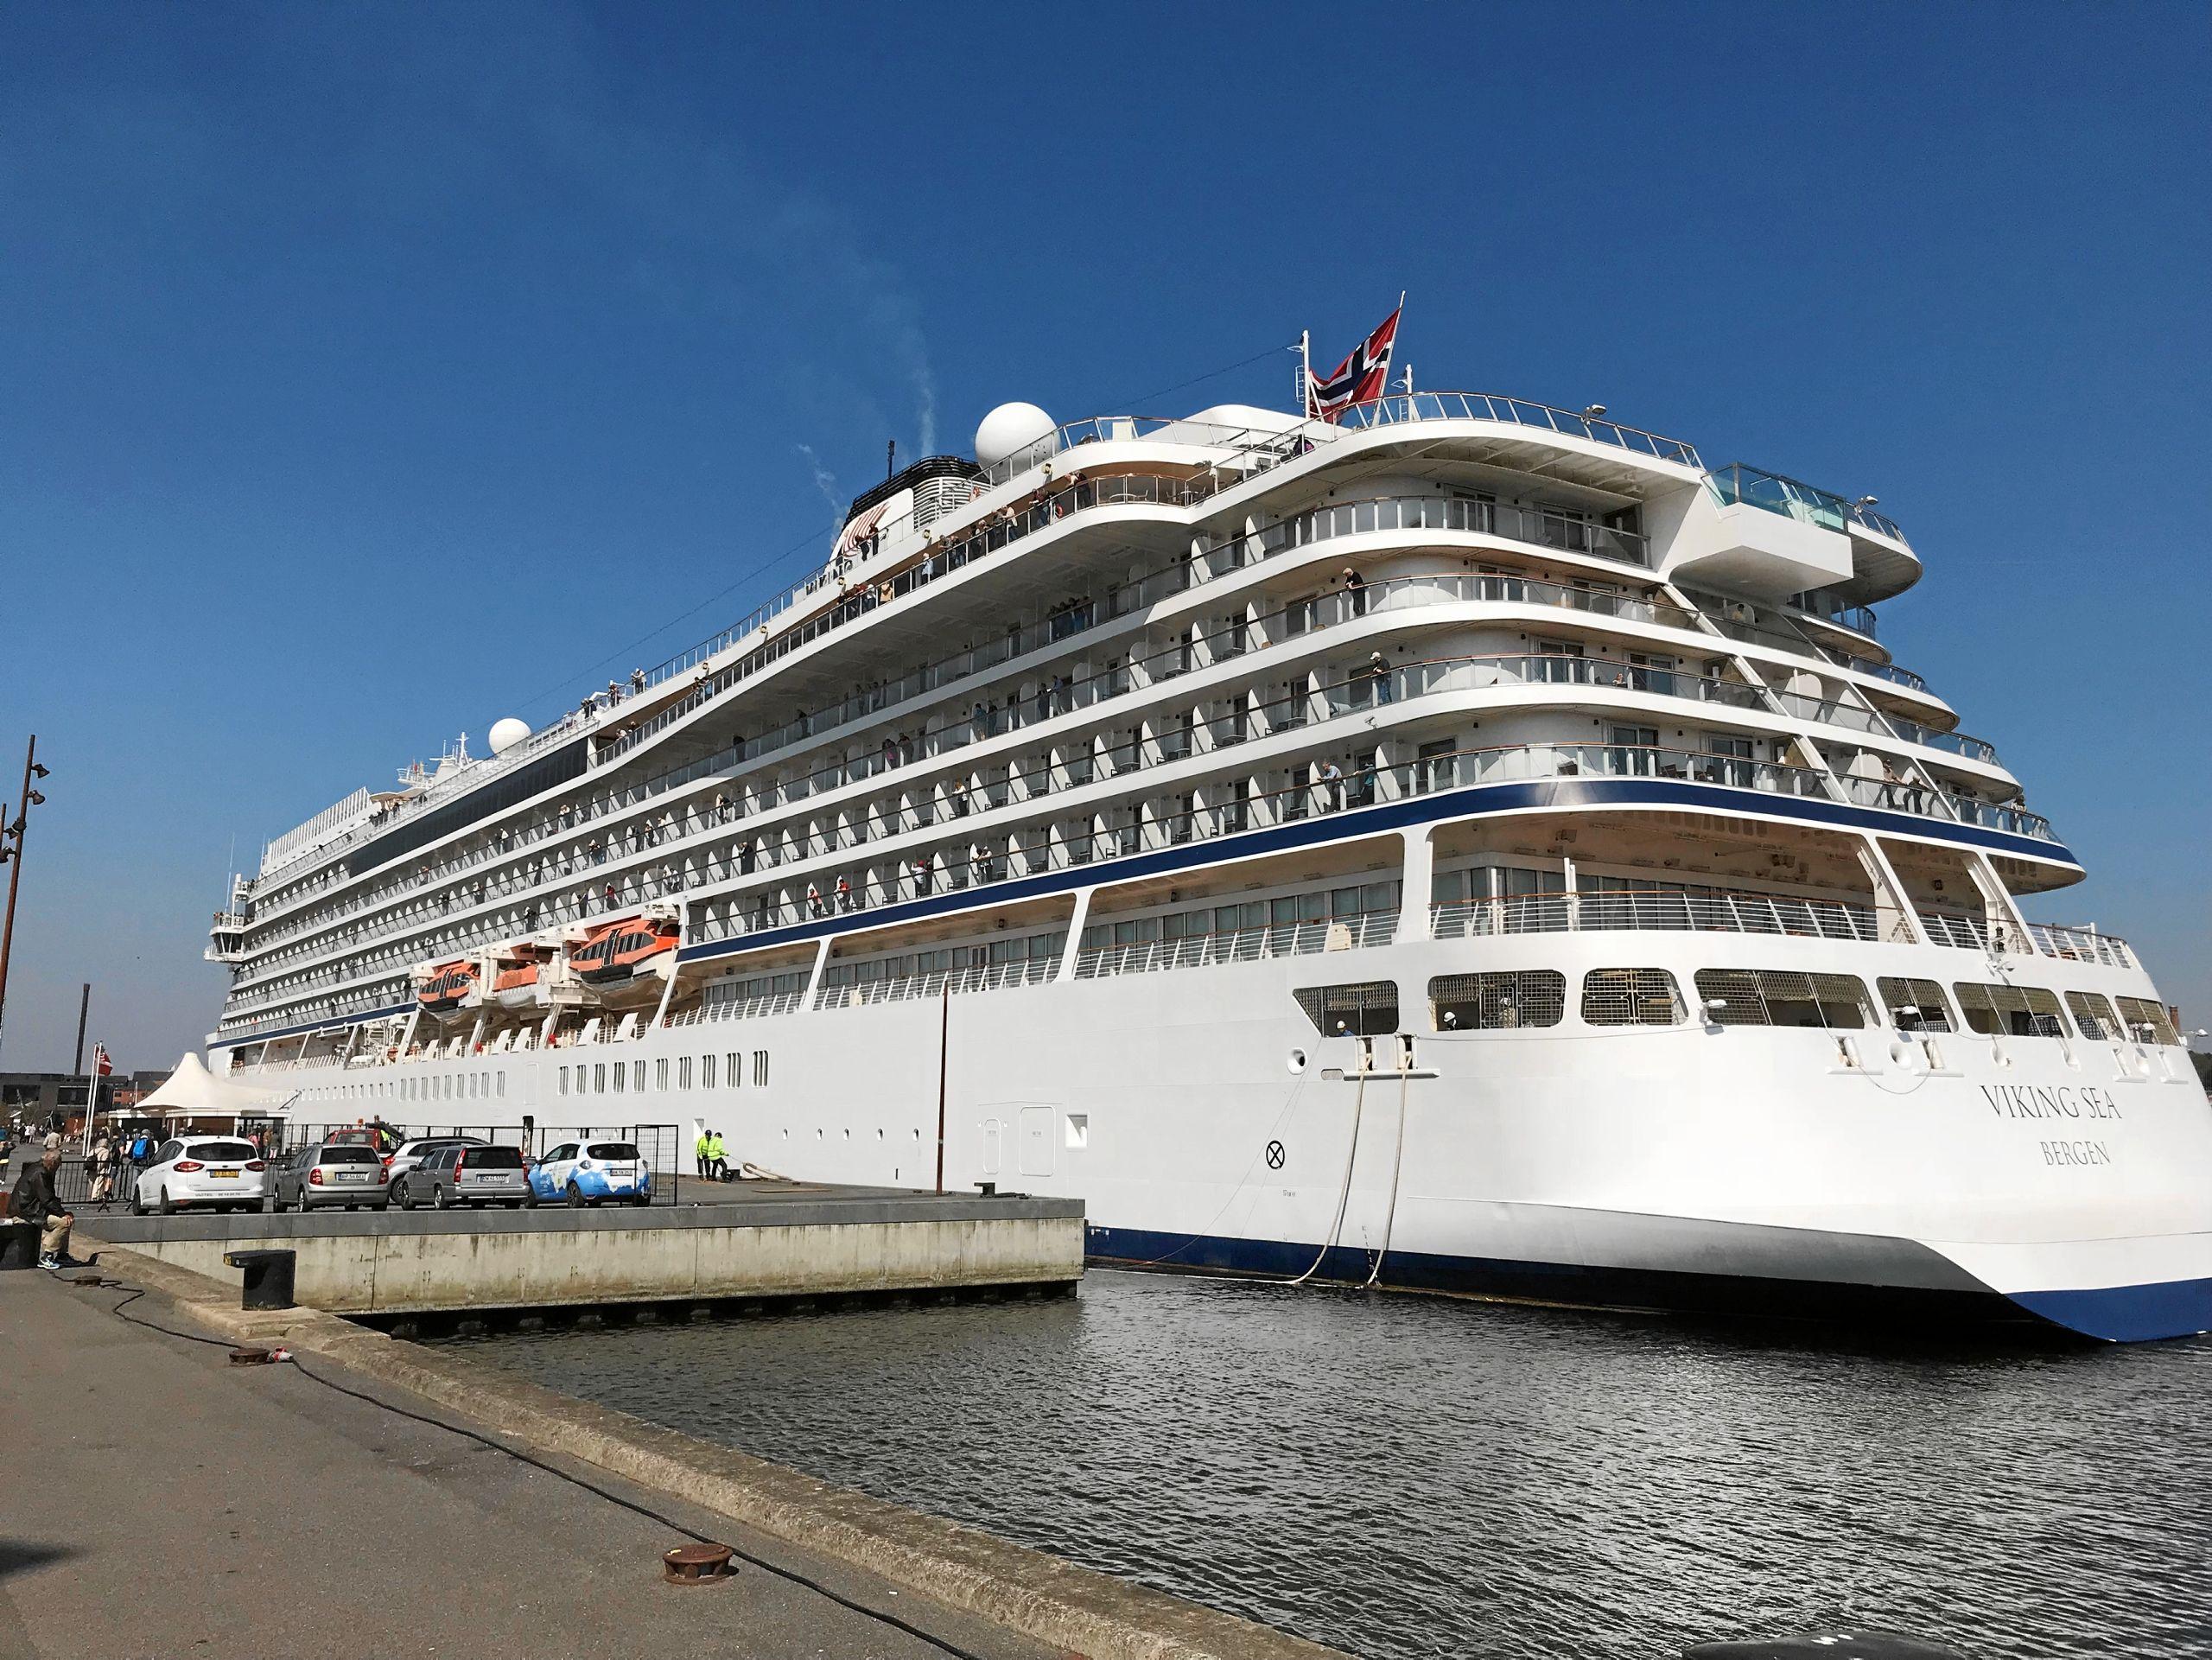 Viking Sea er blot ét af de mange krydstogtskibe, der gerne gæster Aalborg. Skibet har været her adskillige gange før, og i denne sæson bliver det til ikke færre end otte anløb i alt igennem sæsonen. Foto: Torben O. Andersen